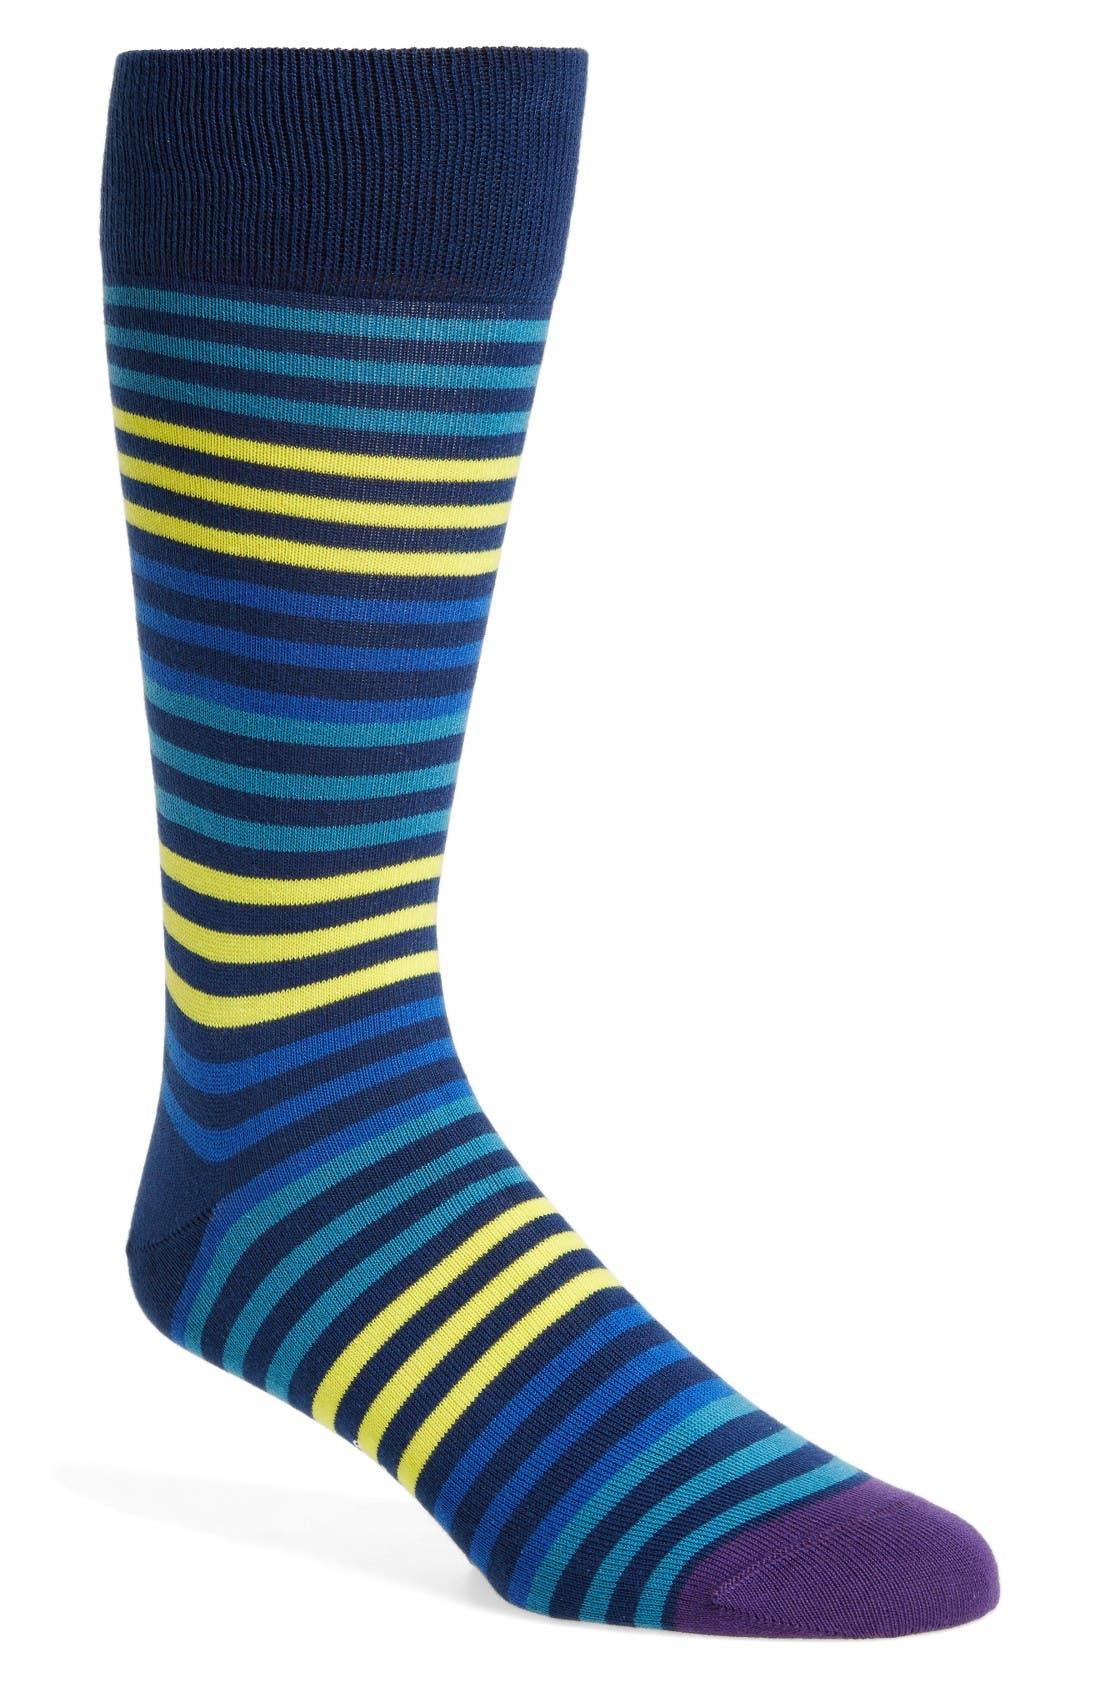 Paul Smith Sanny Stripe Socks